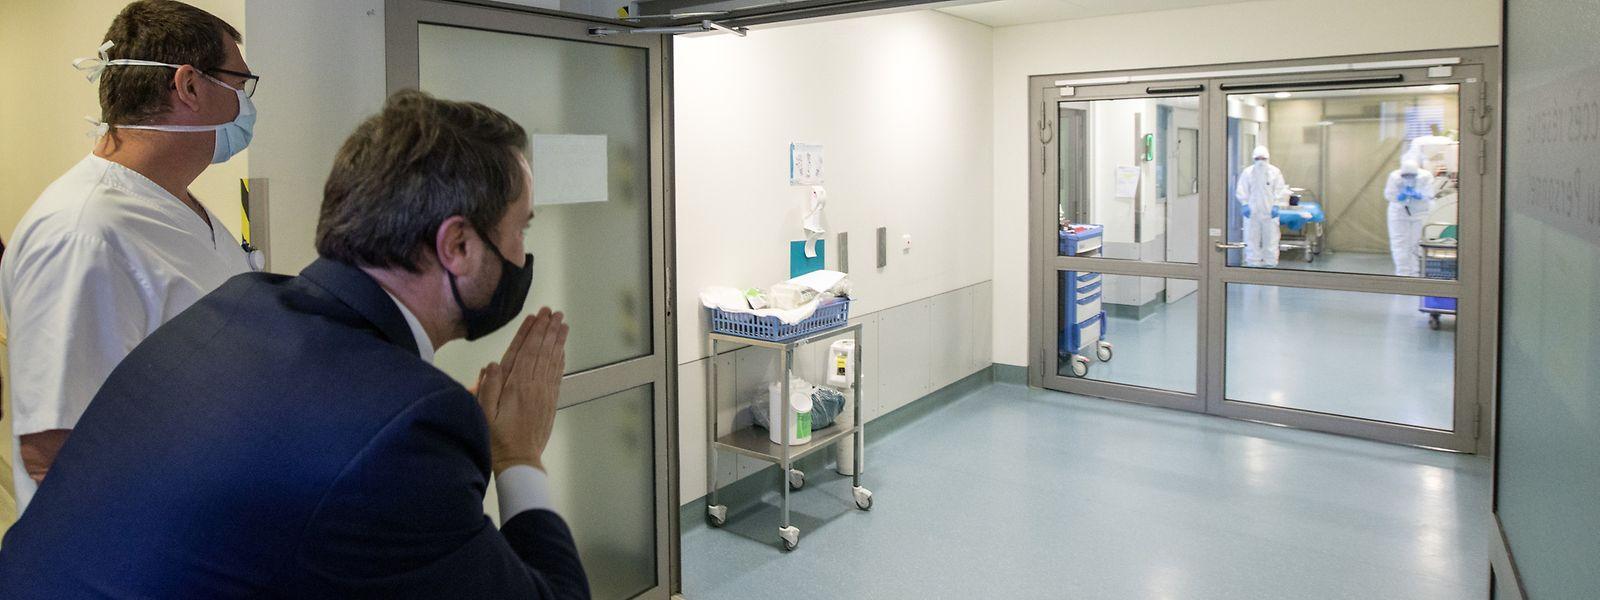 Premierminister Xavier Bettel und Gesundheitsministerin Paulette Lenert standen am Donnerstag im Hôpital Kirchberg alle Türen offen – bis auf eine: jene der Corona-Station. Man bedankte sich daraufhin per Handzeichen bei den Mitarbeitern für ihre Arbeit.